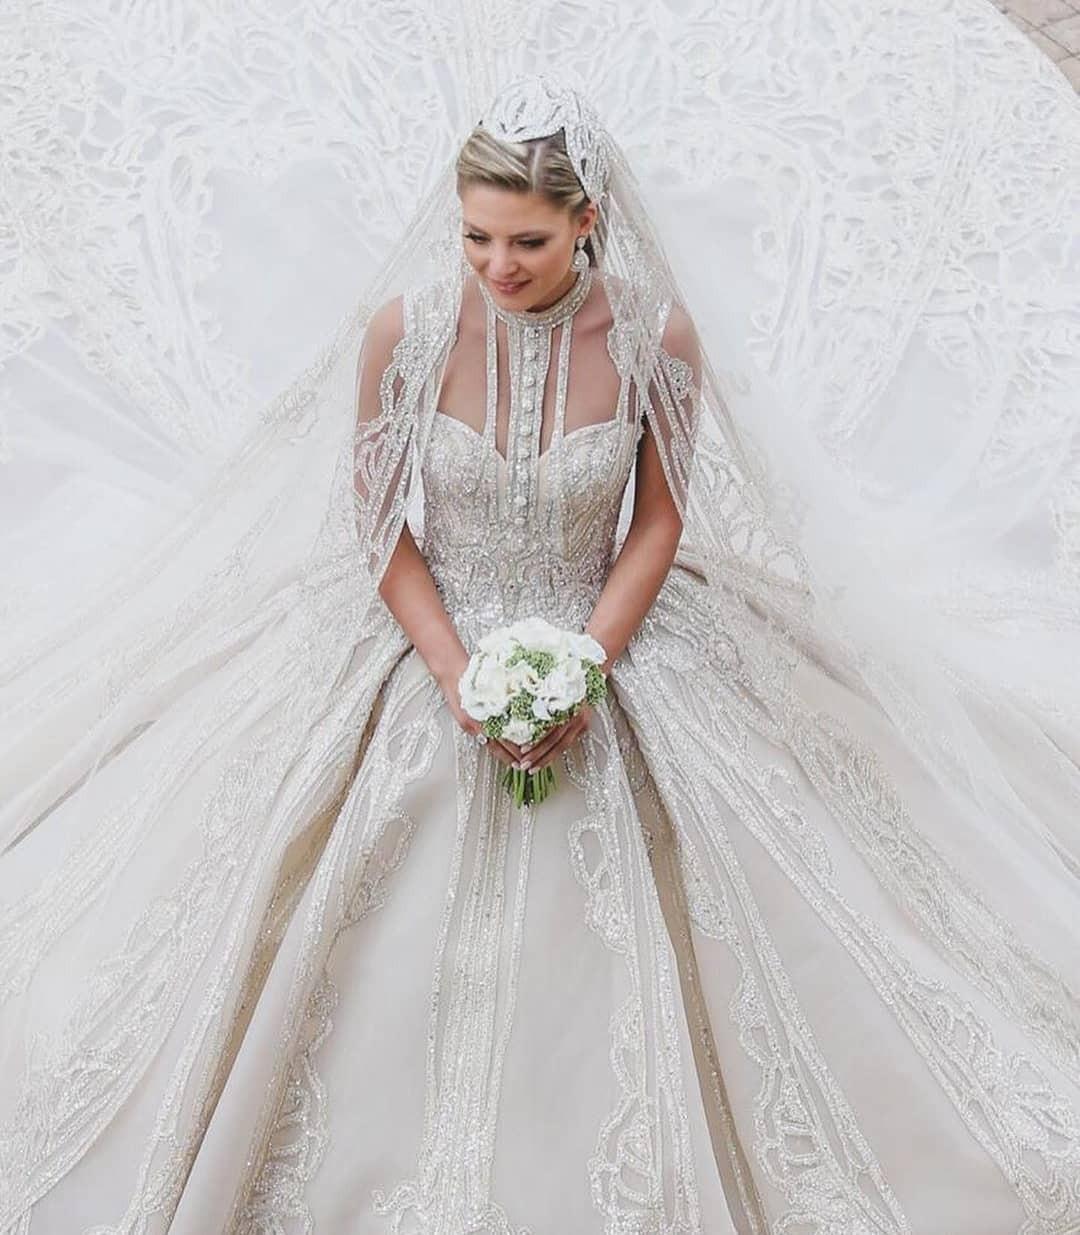 Không hổ danh con dâu nhà mốt Elie Saab: Được bố chồng dành tận 4 chiếc váy cưới Haute Couture, 1 trong số đó độc bản tráng lệ - Ảnh 5.